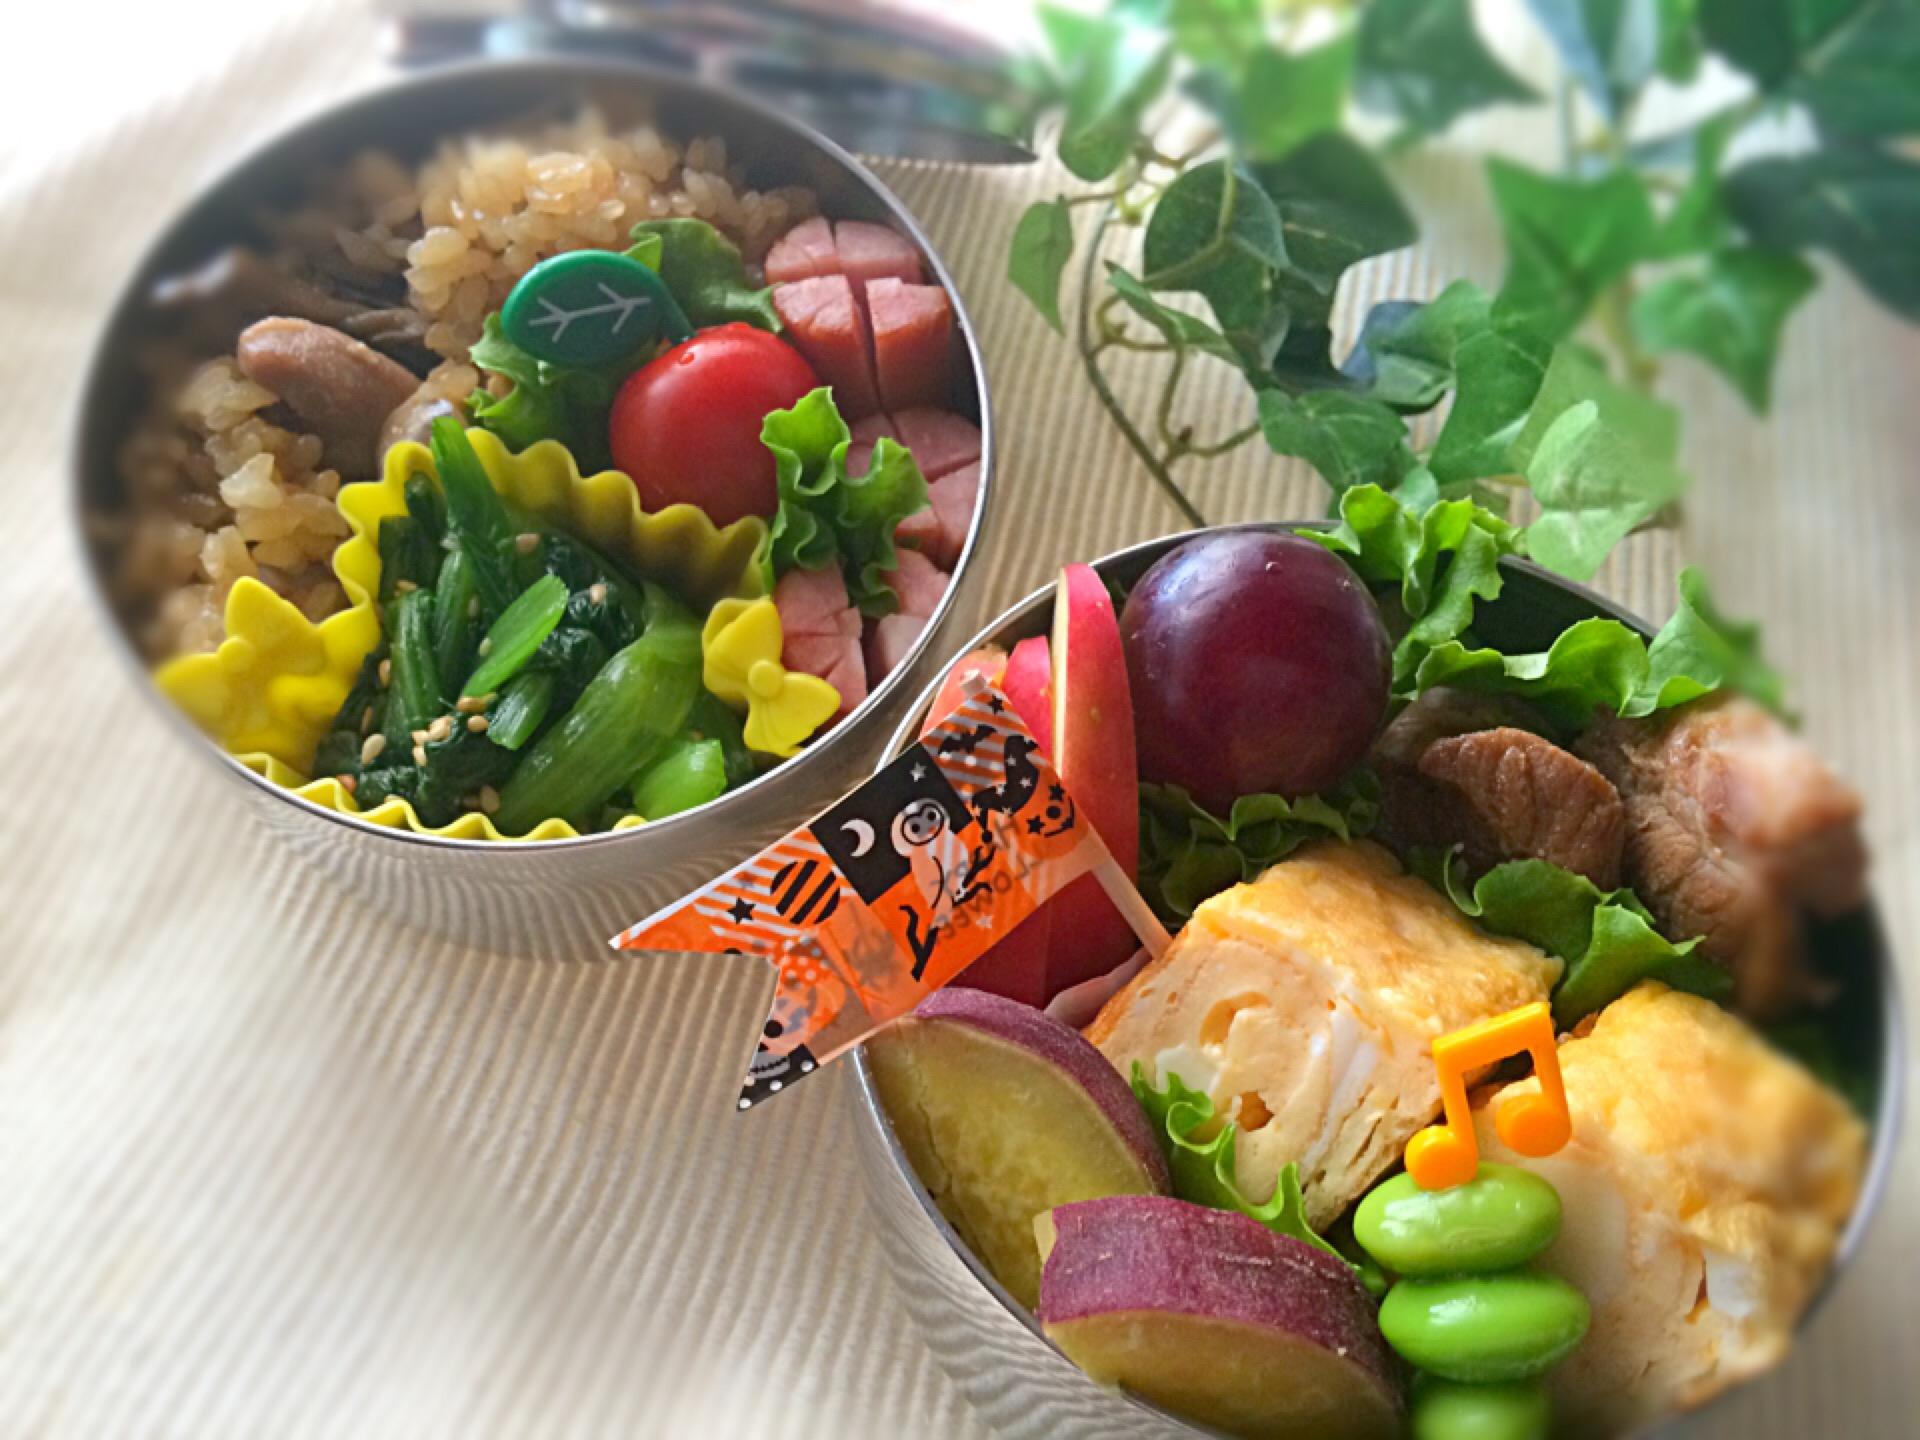 なんとなく秋弁当♪娘、なんか健康そうなお弁当だね!と…❣⃛(❛ั◡˜๑)♥ྉ